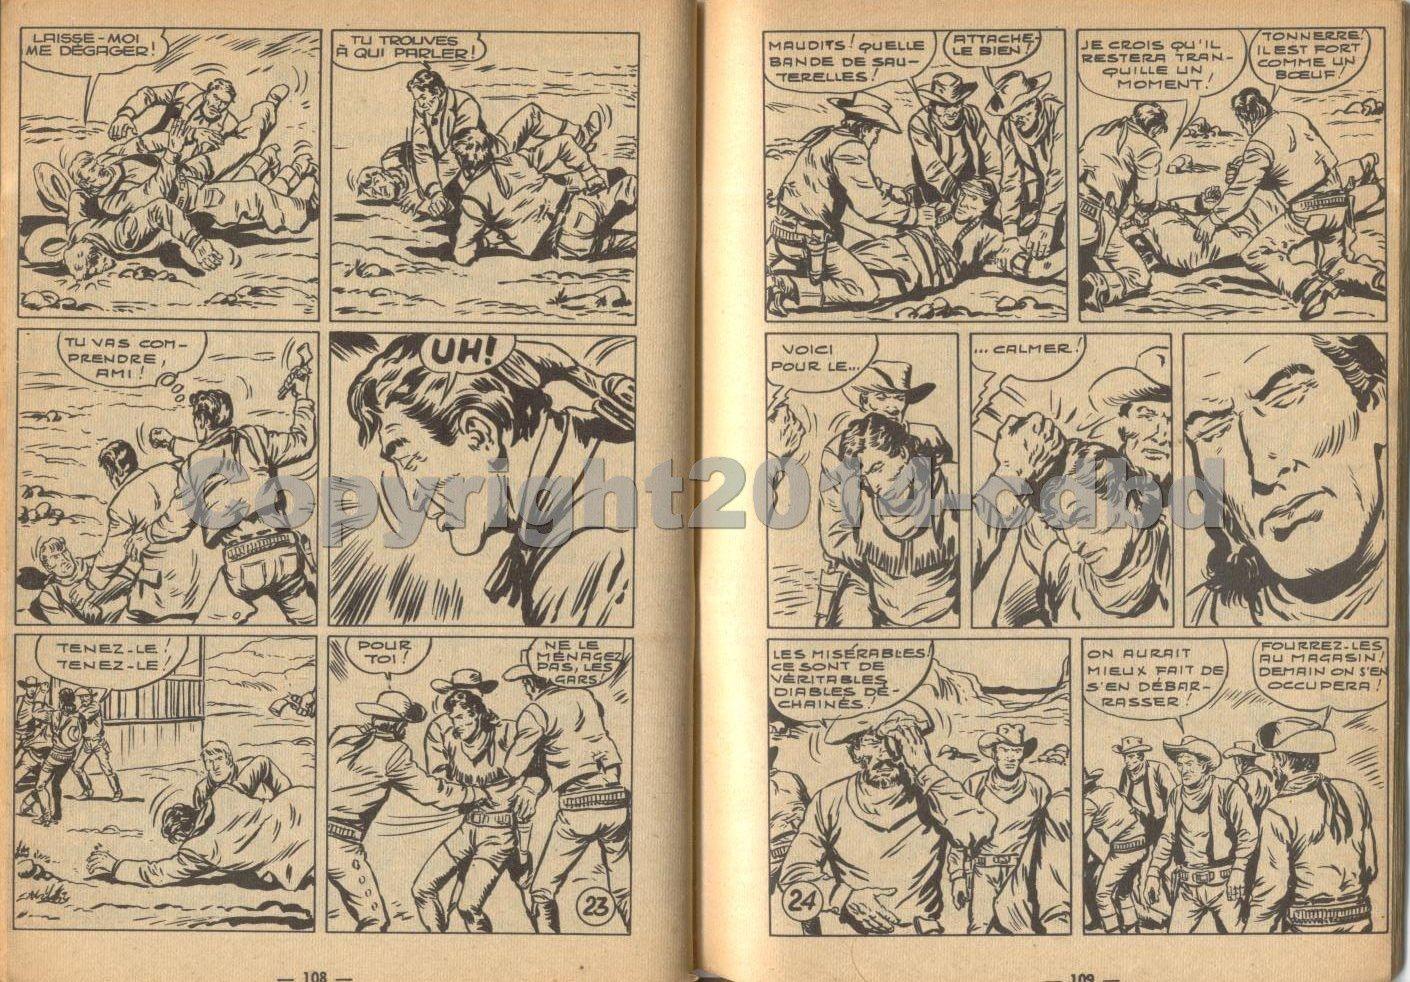 Hondo n°45 du 15 avril 1960- page 50 à 59